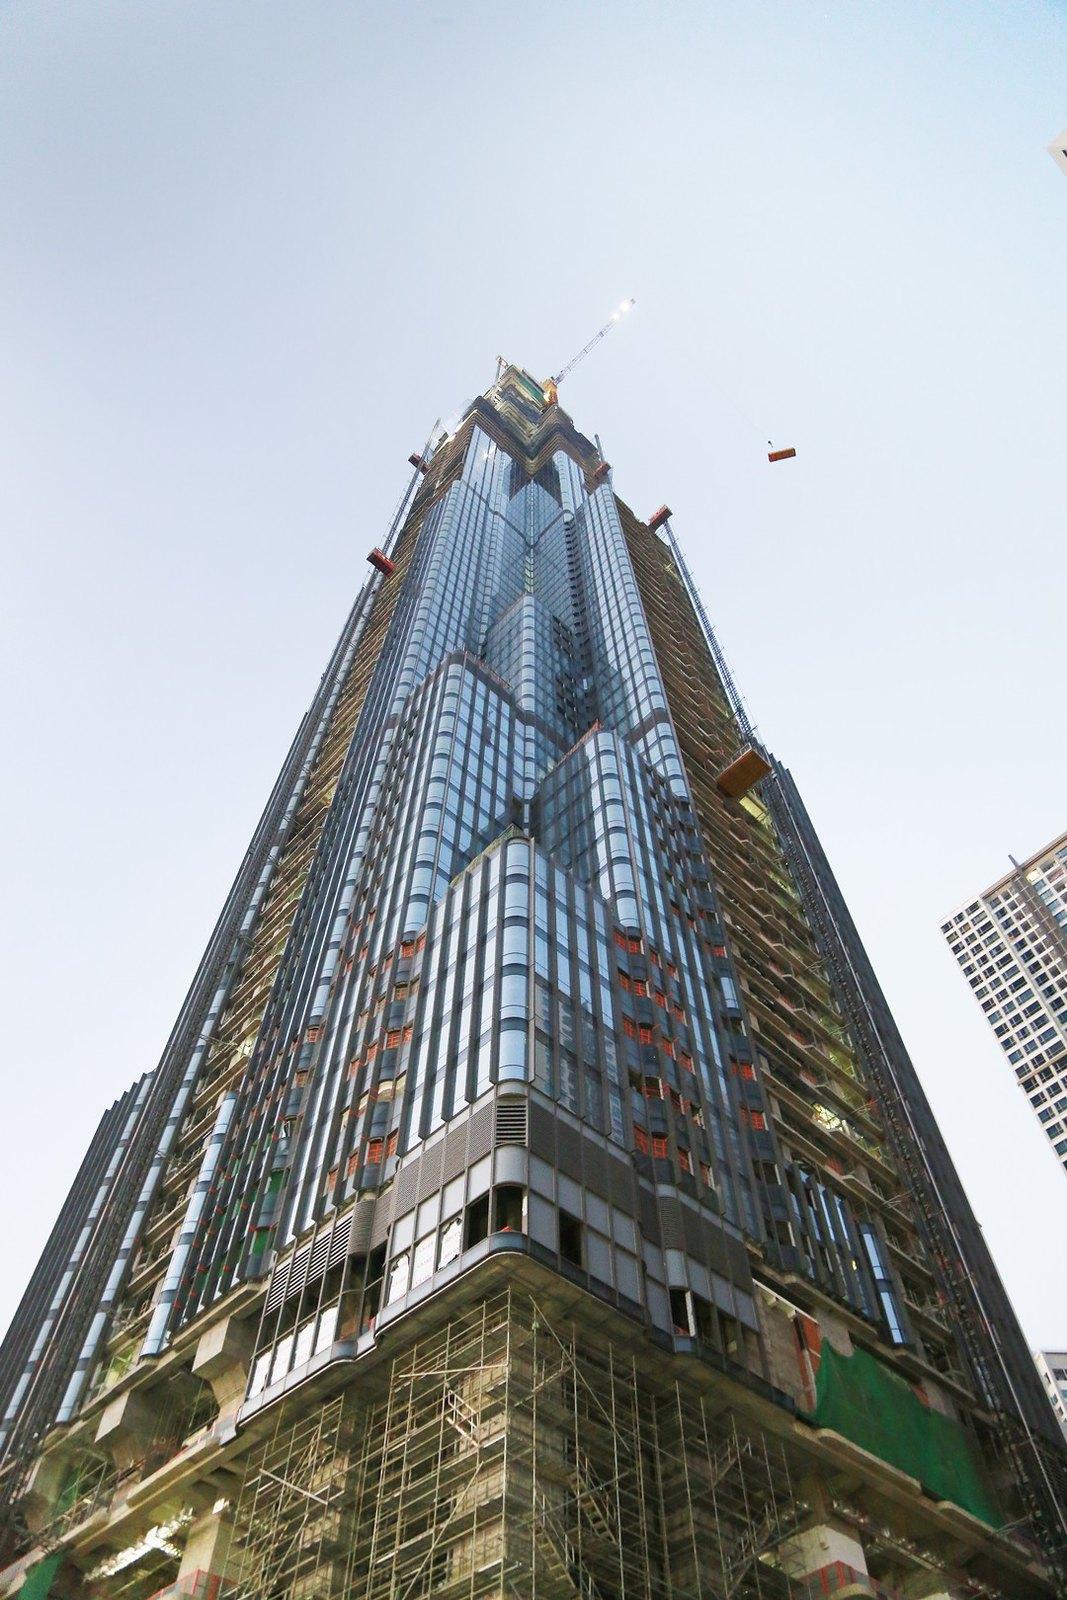 Cất nóc tòa tháp The Landmark 81 dự án Vinhomes Central Park Tân Cảng.